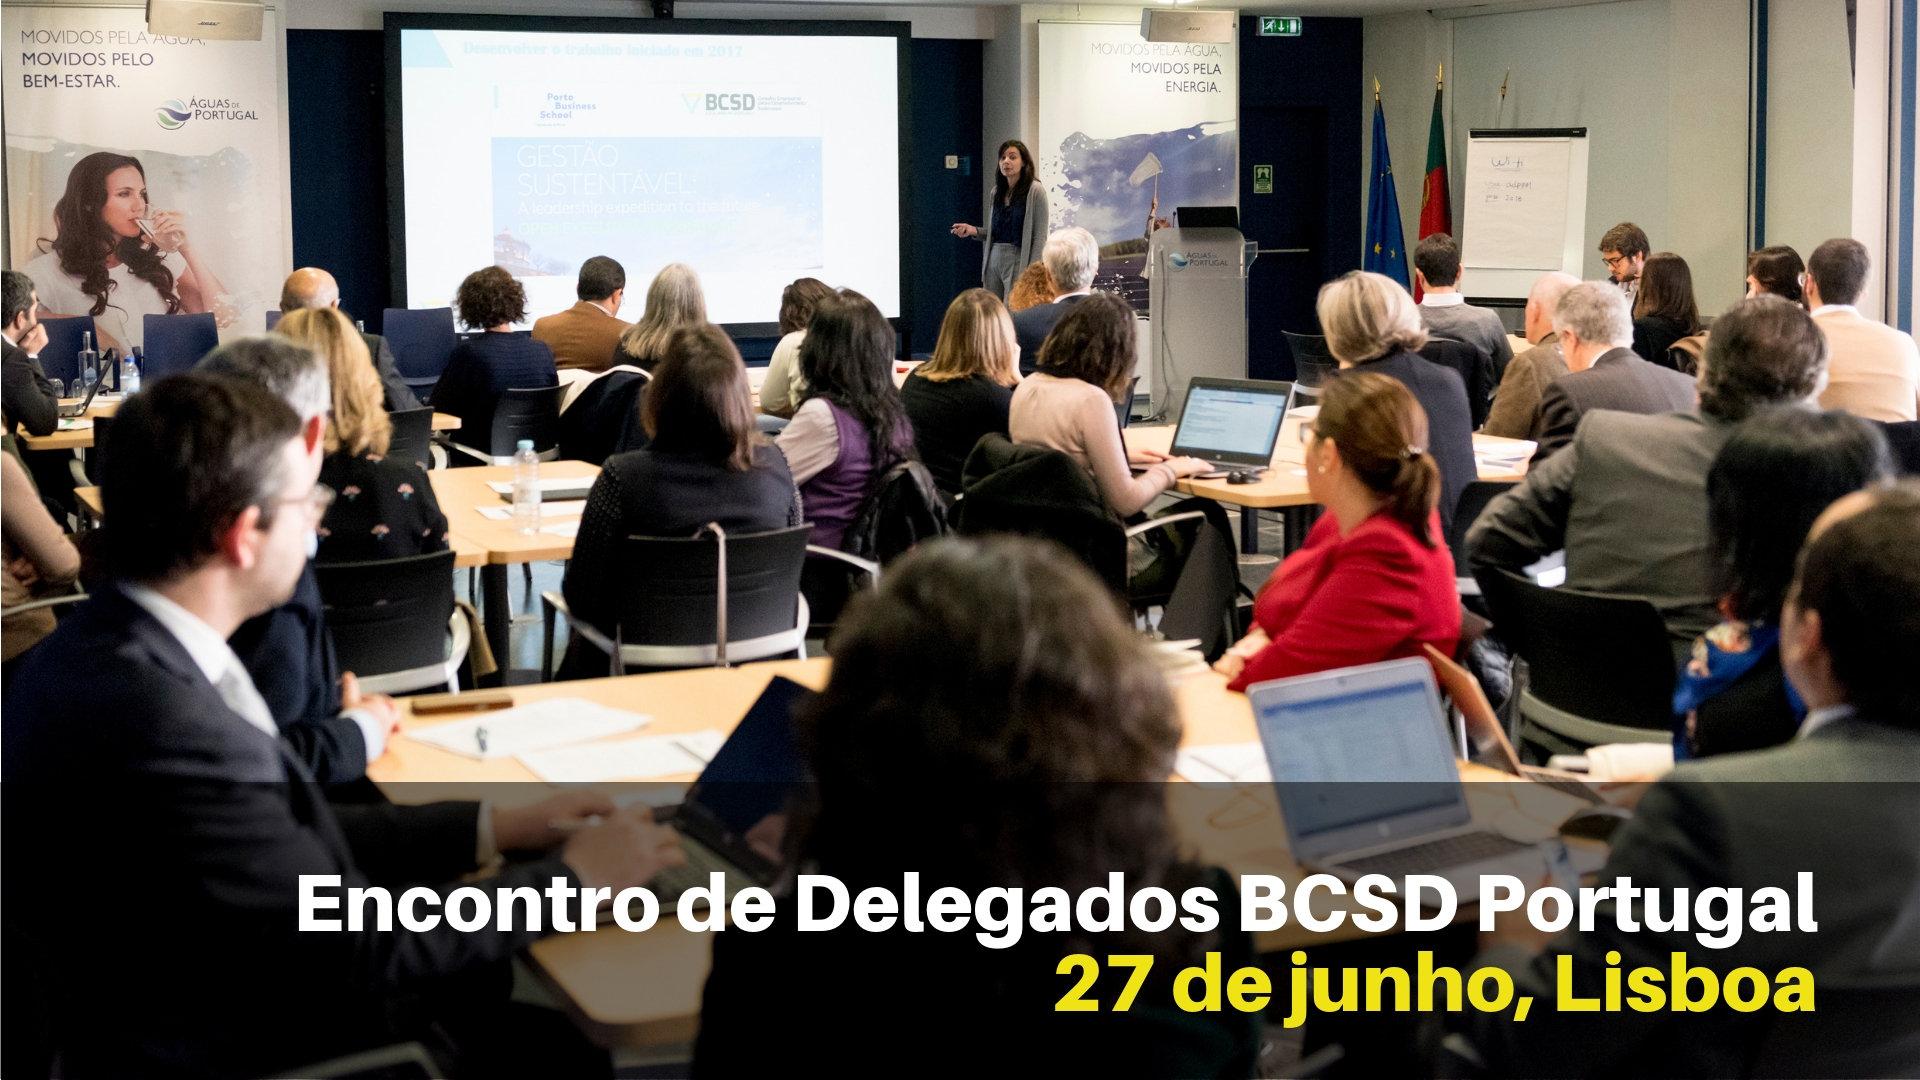 Encontro de Delegados BCSD Portugal